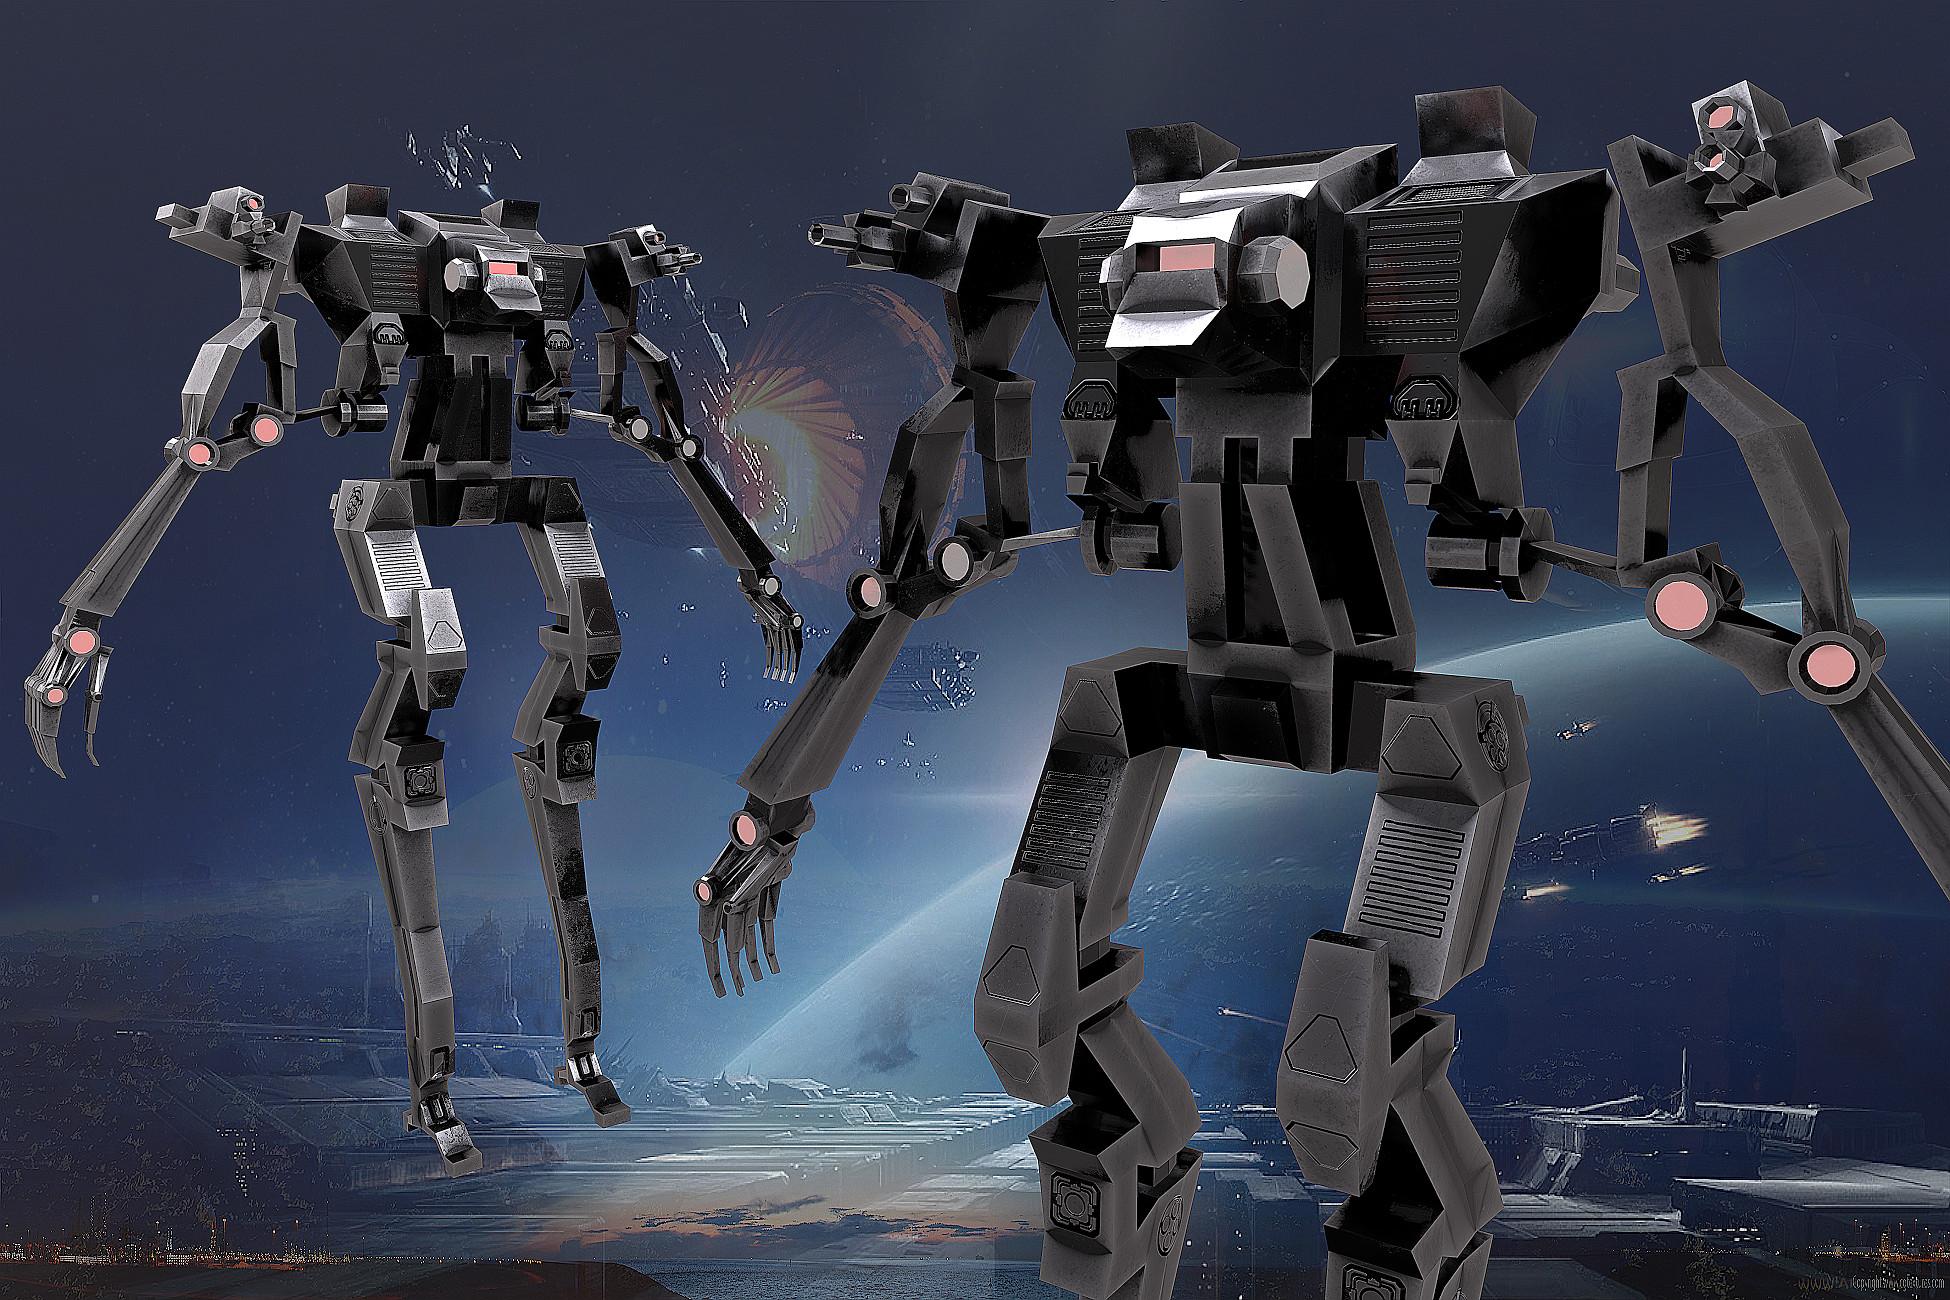 Robot Metallic humanoid